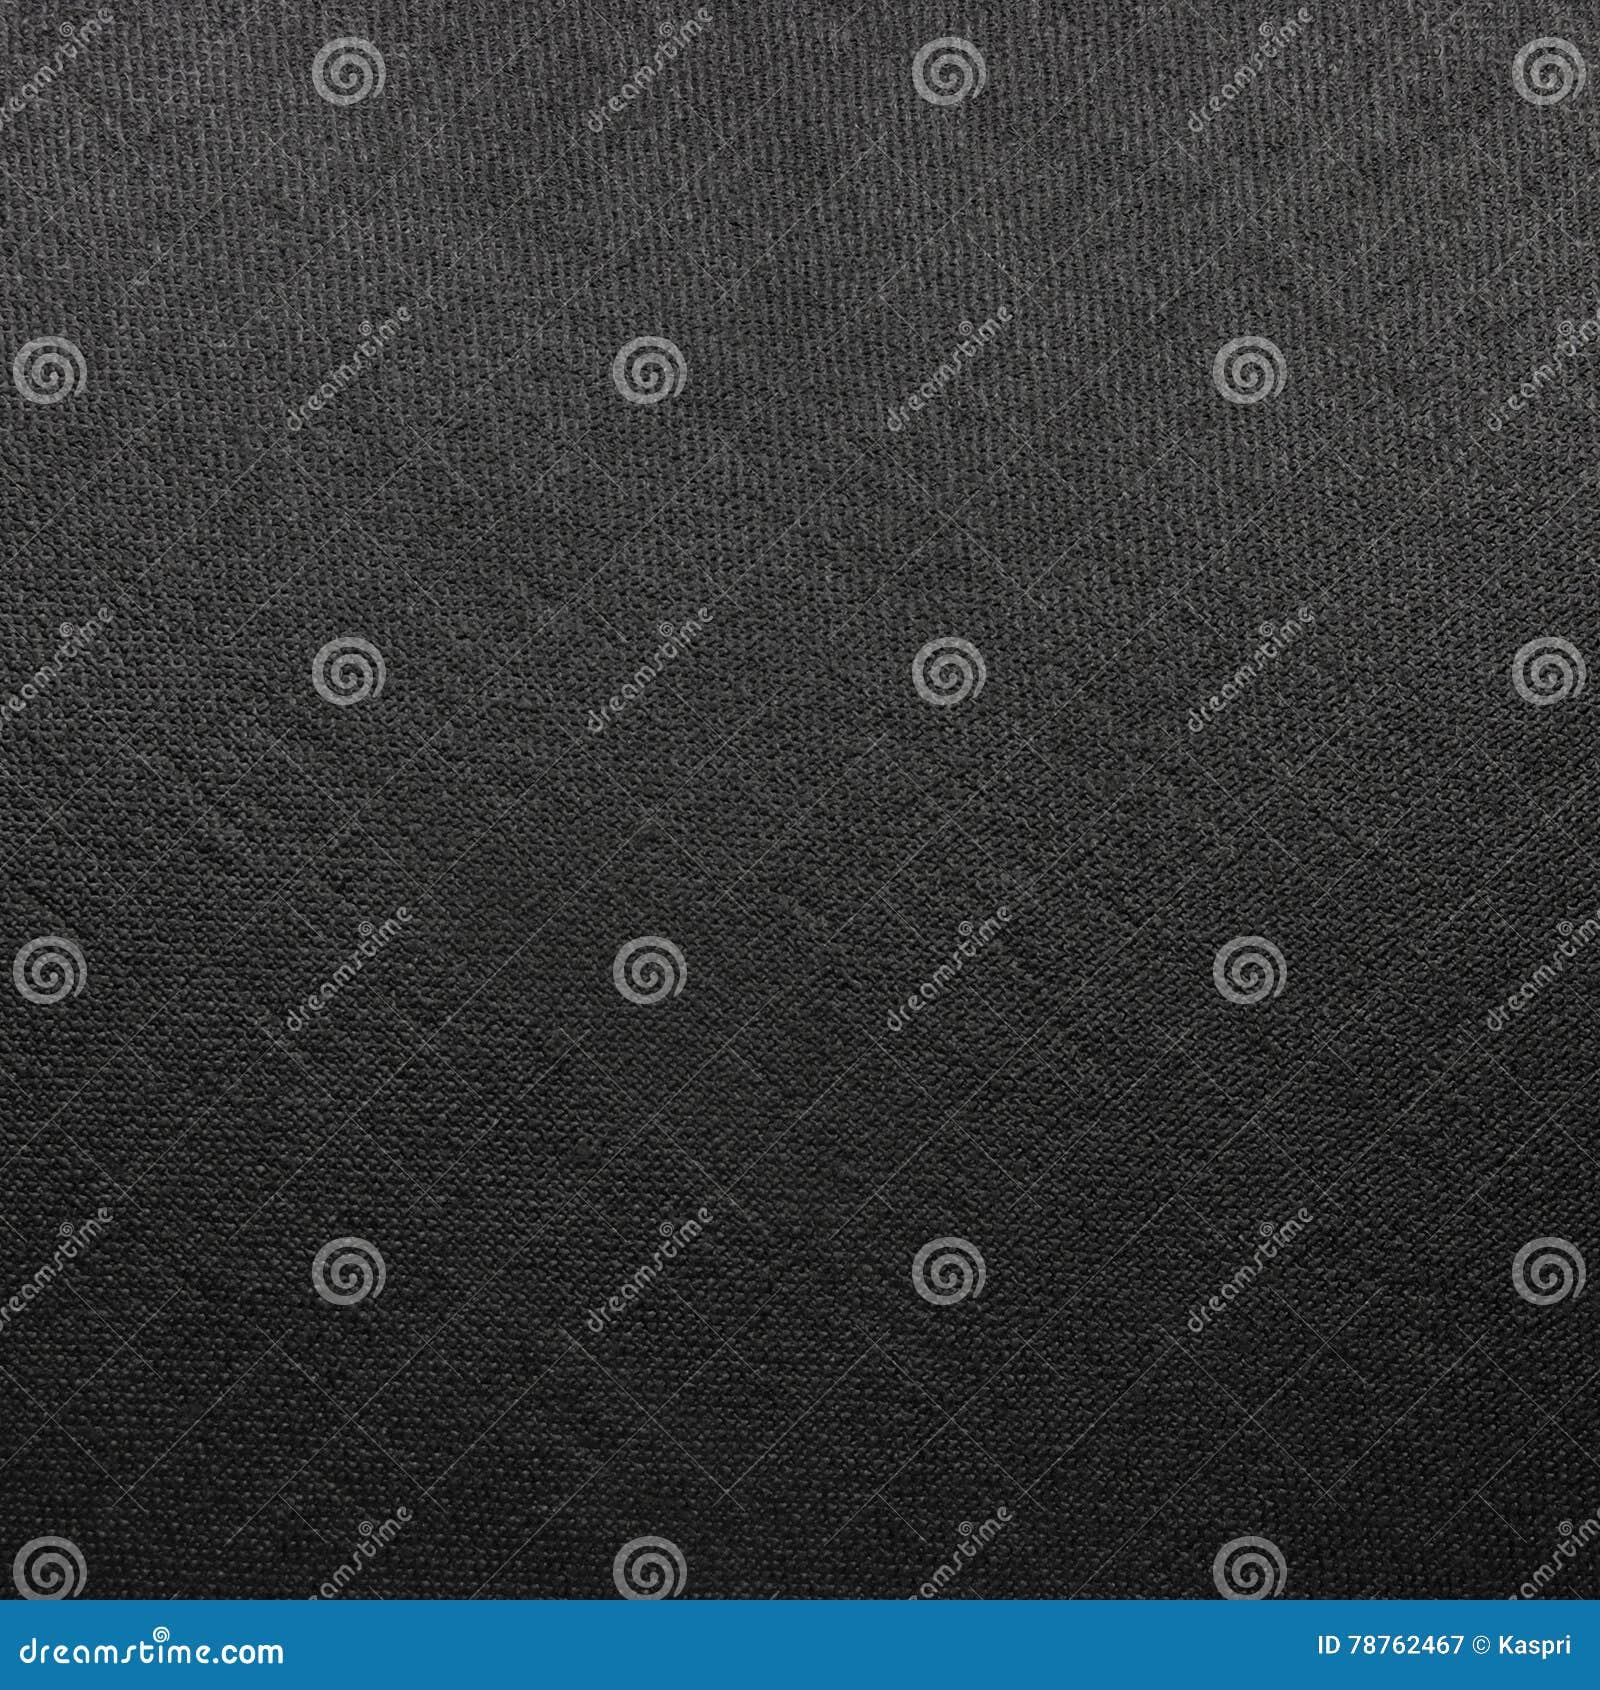 A textura de linho da fibra preta brilhante natural, grande close up macro detalhado, vintage rústico textured o fundo da lona de